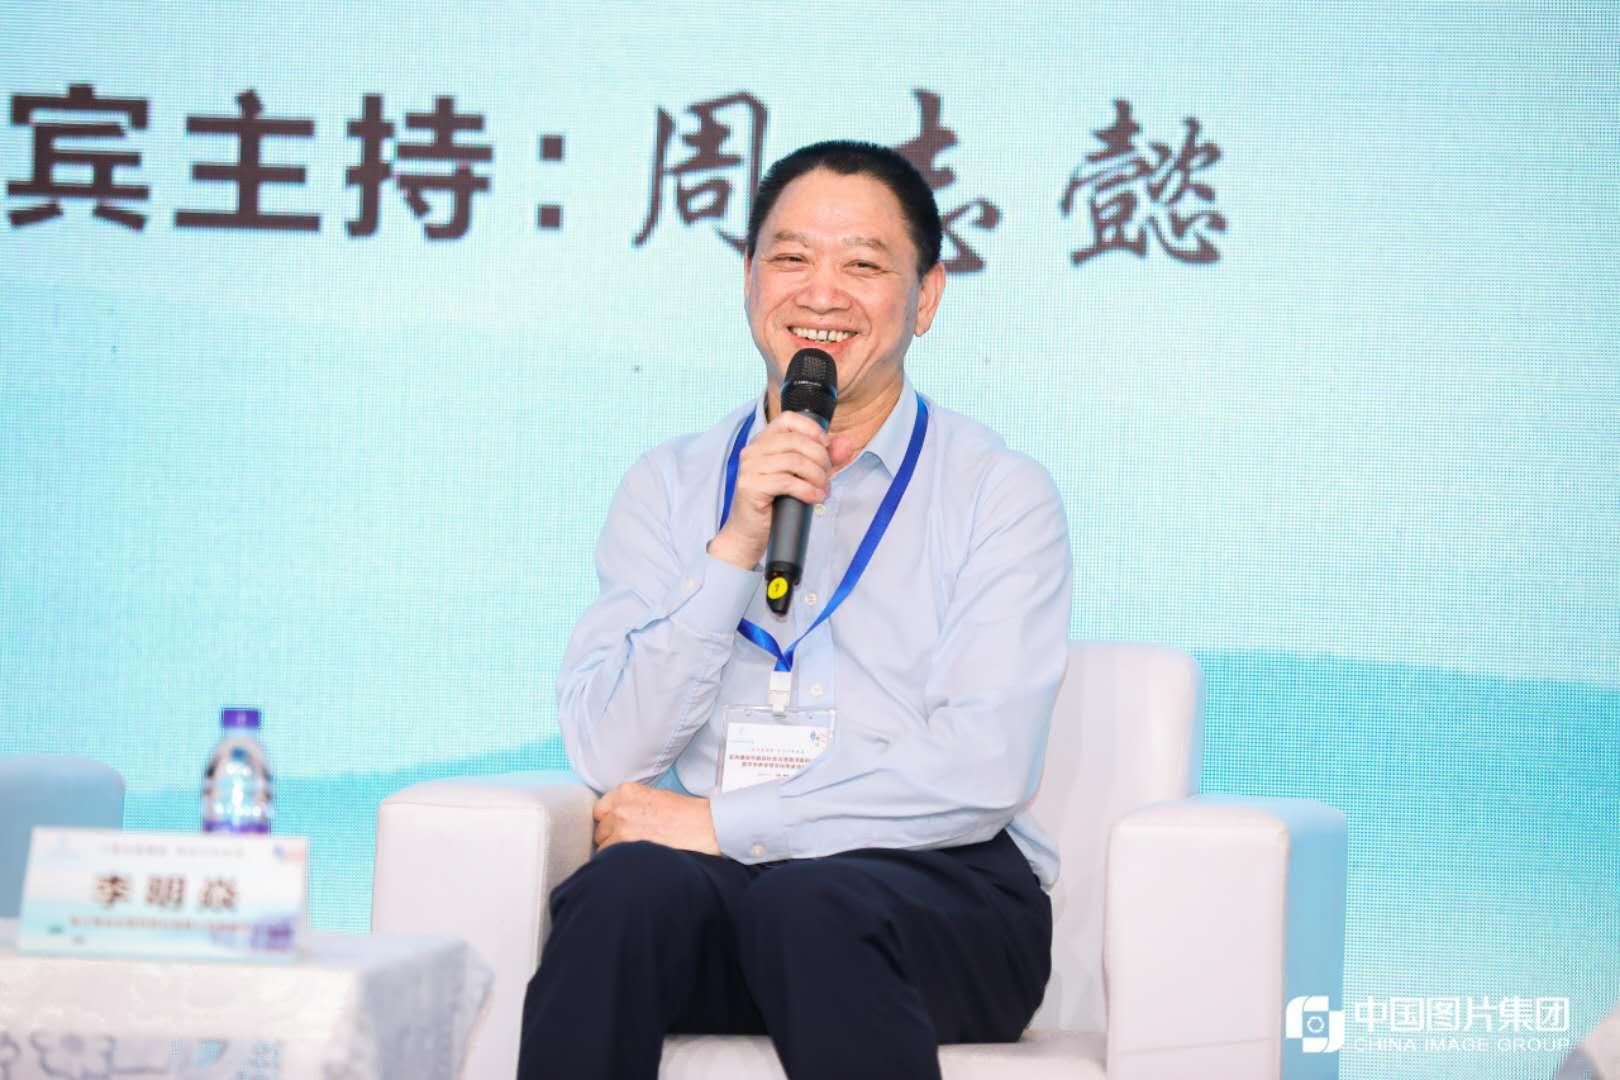 寿仙谷李明焱:守正创新,为民众健康幸福服务